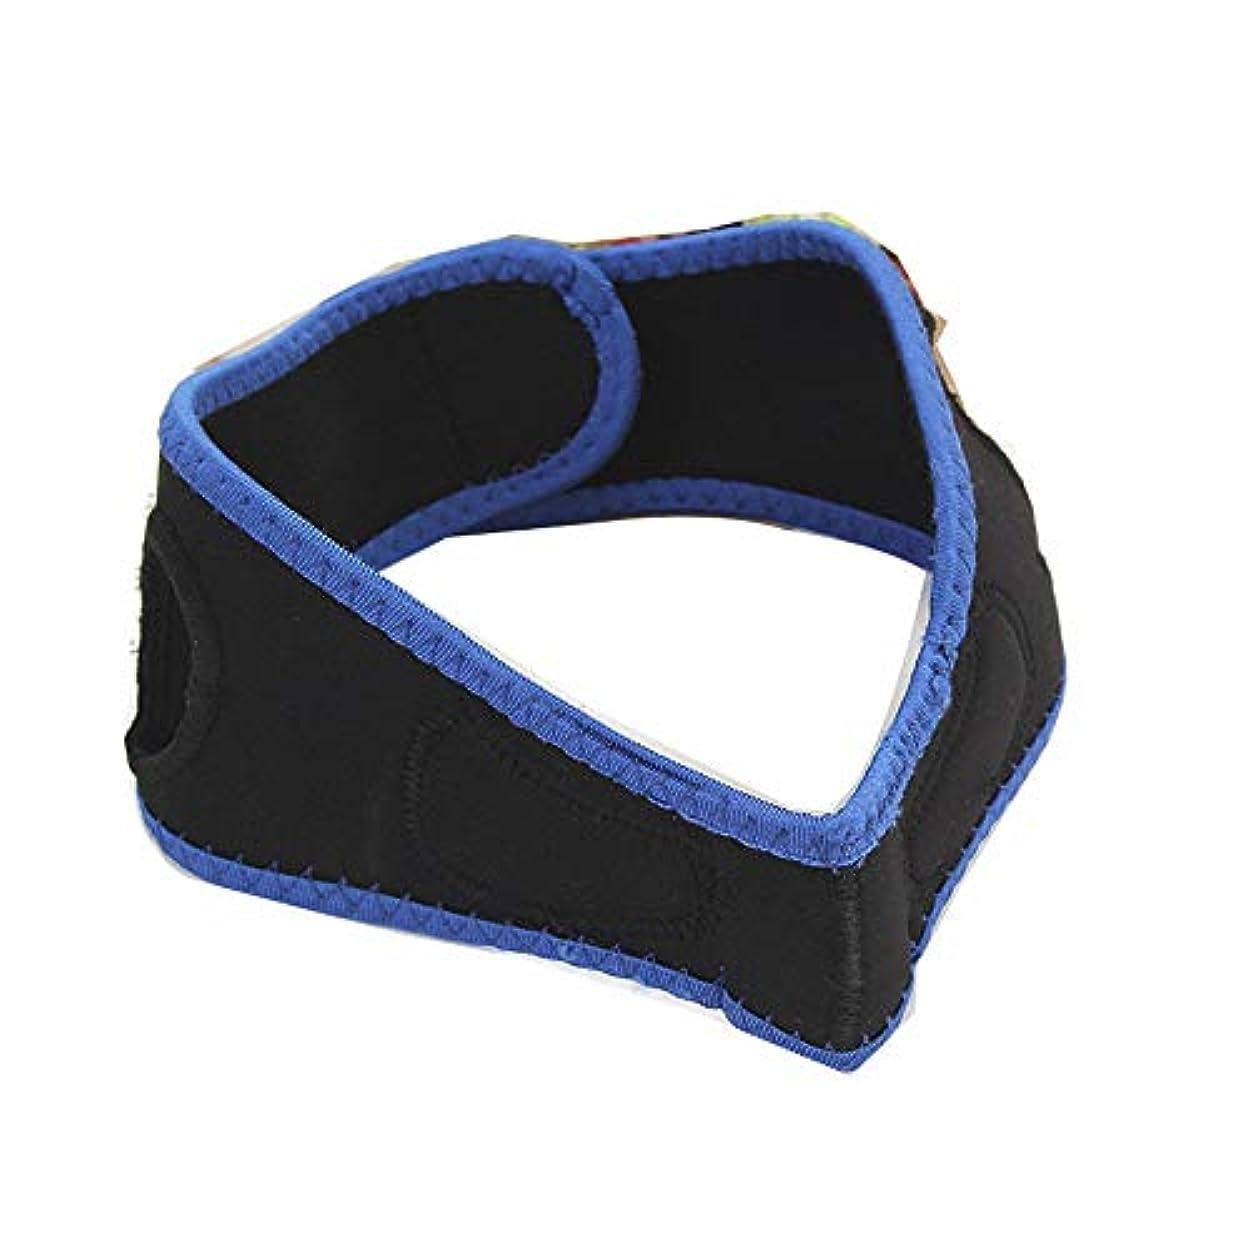 移動開発キャスト男性と女性の顔を持ち上げるベルト、睡眠薄い顔ベルト/リフティング引き締め顔の整形マスク/顔包帯/顔を持ち上げるアーティファクト